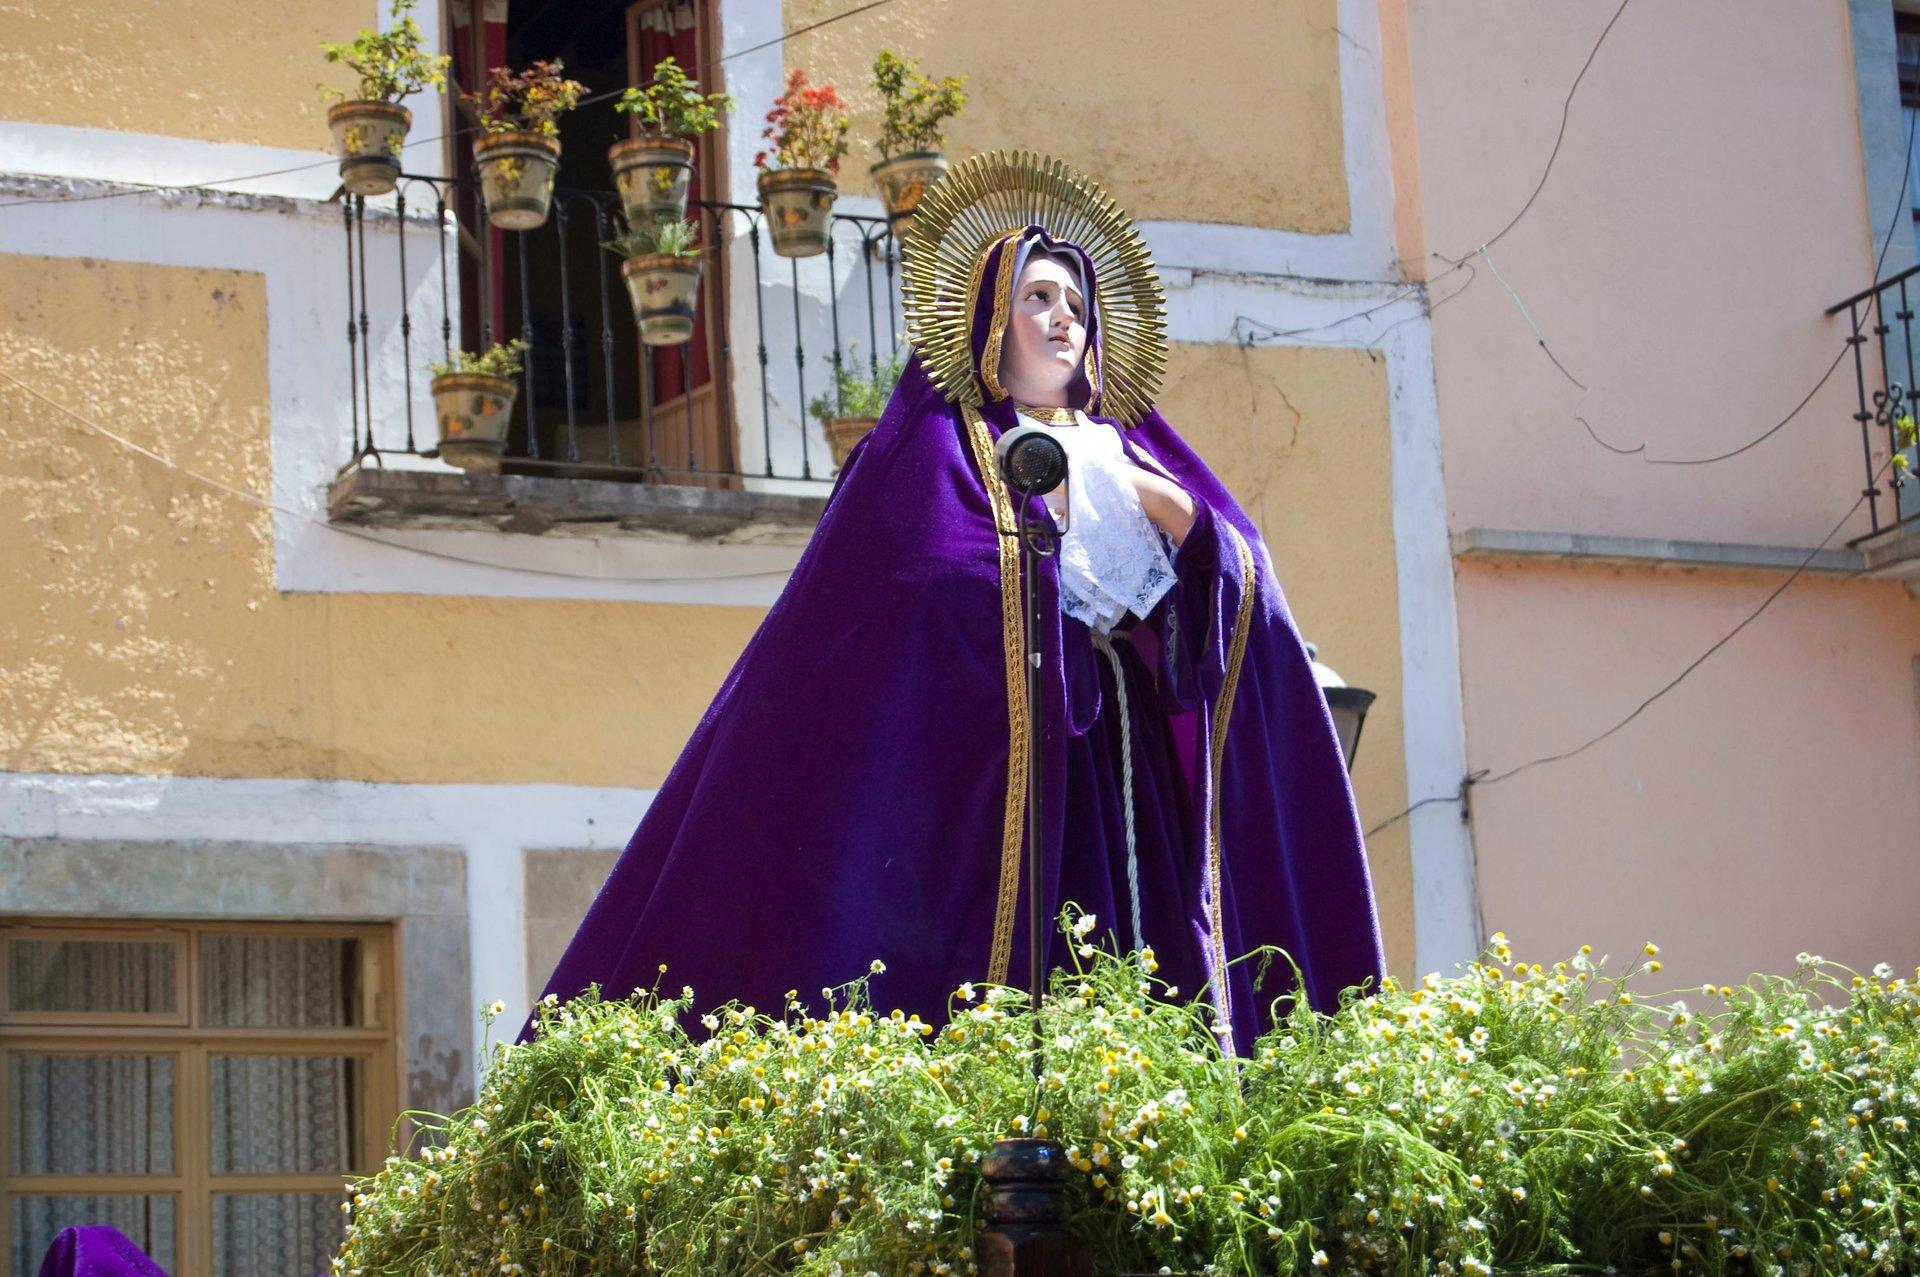 Semana Santa in Guanajuato  2020